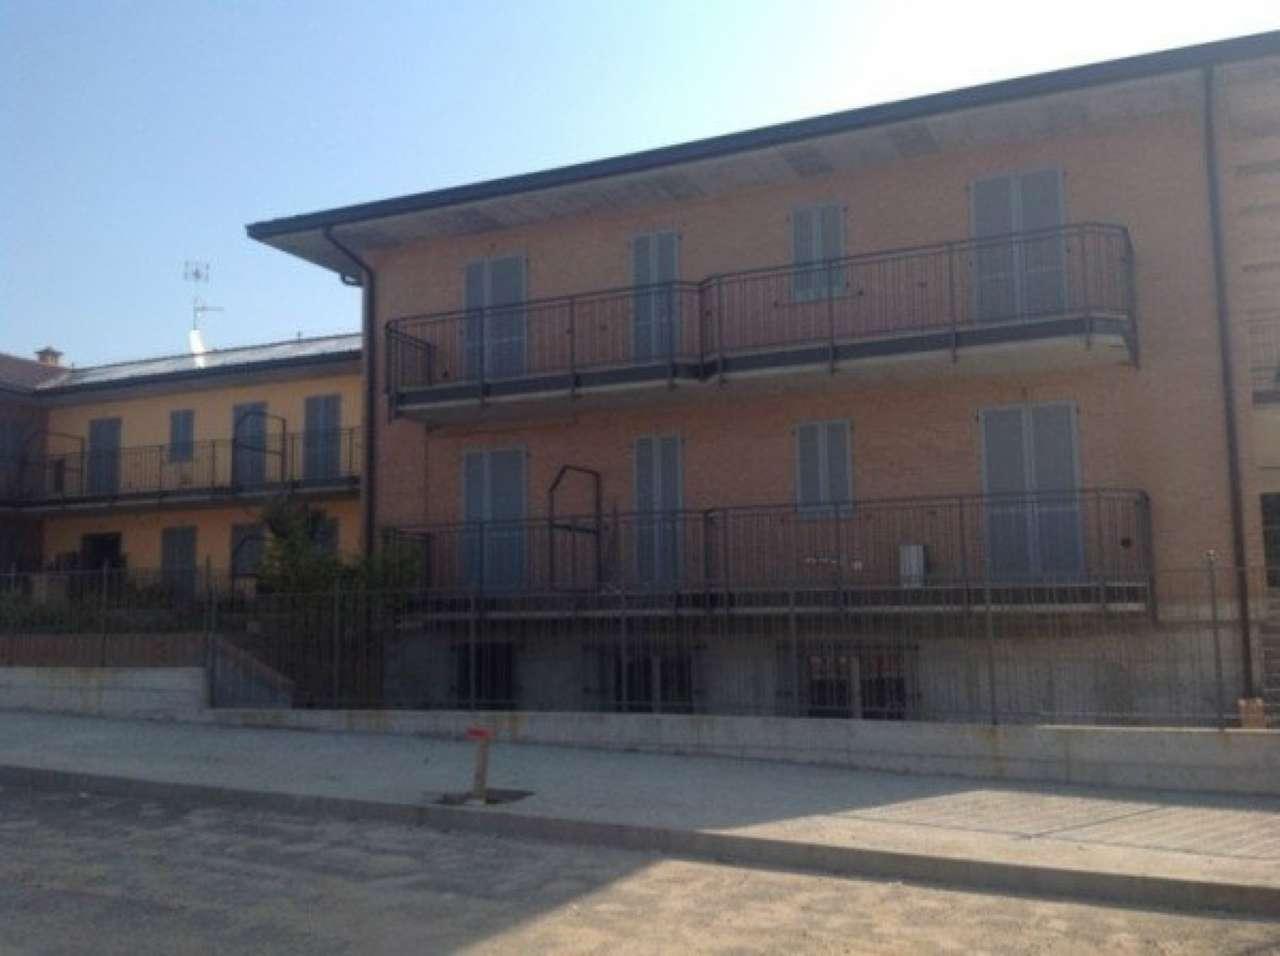 Ufficio / Studio in affitto a Pavia, 3 locali, prezzo € 800 | Cambio Casa.it